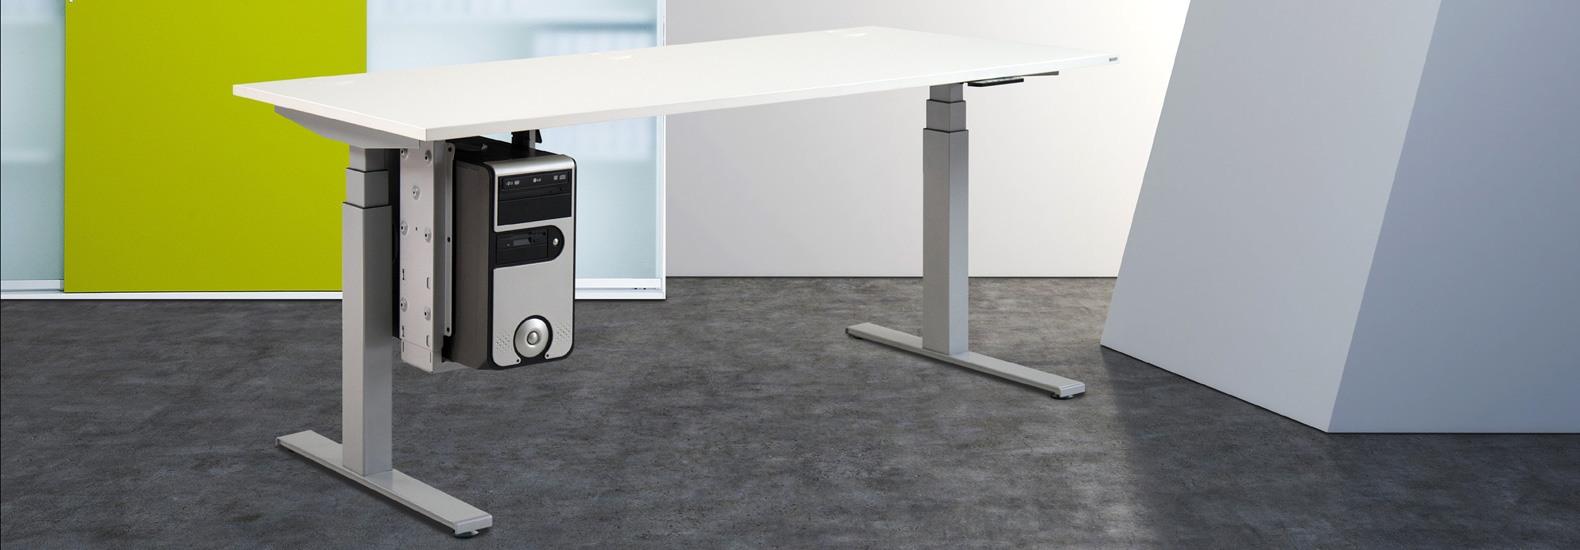 Leuwico Spine-o bei oo42.de kaufen! Als Premiumhersteller für ergonomische Arbeitsplätze liefert LEUWICO seit beinahe 100 Jahren hochwertige, höhenverstellbare Schreibtische und Büromöbel.